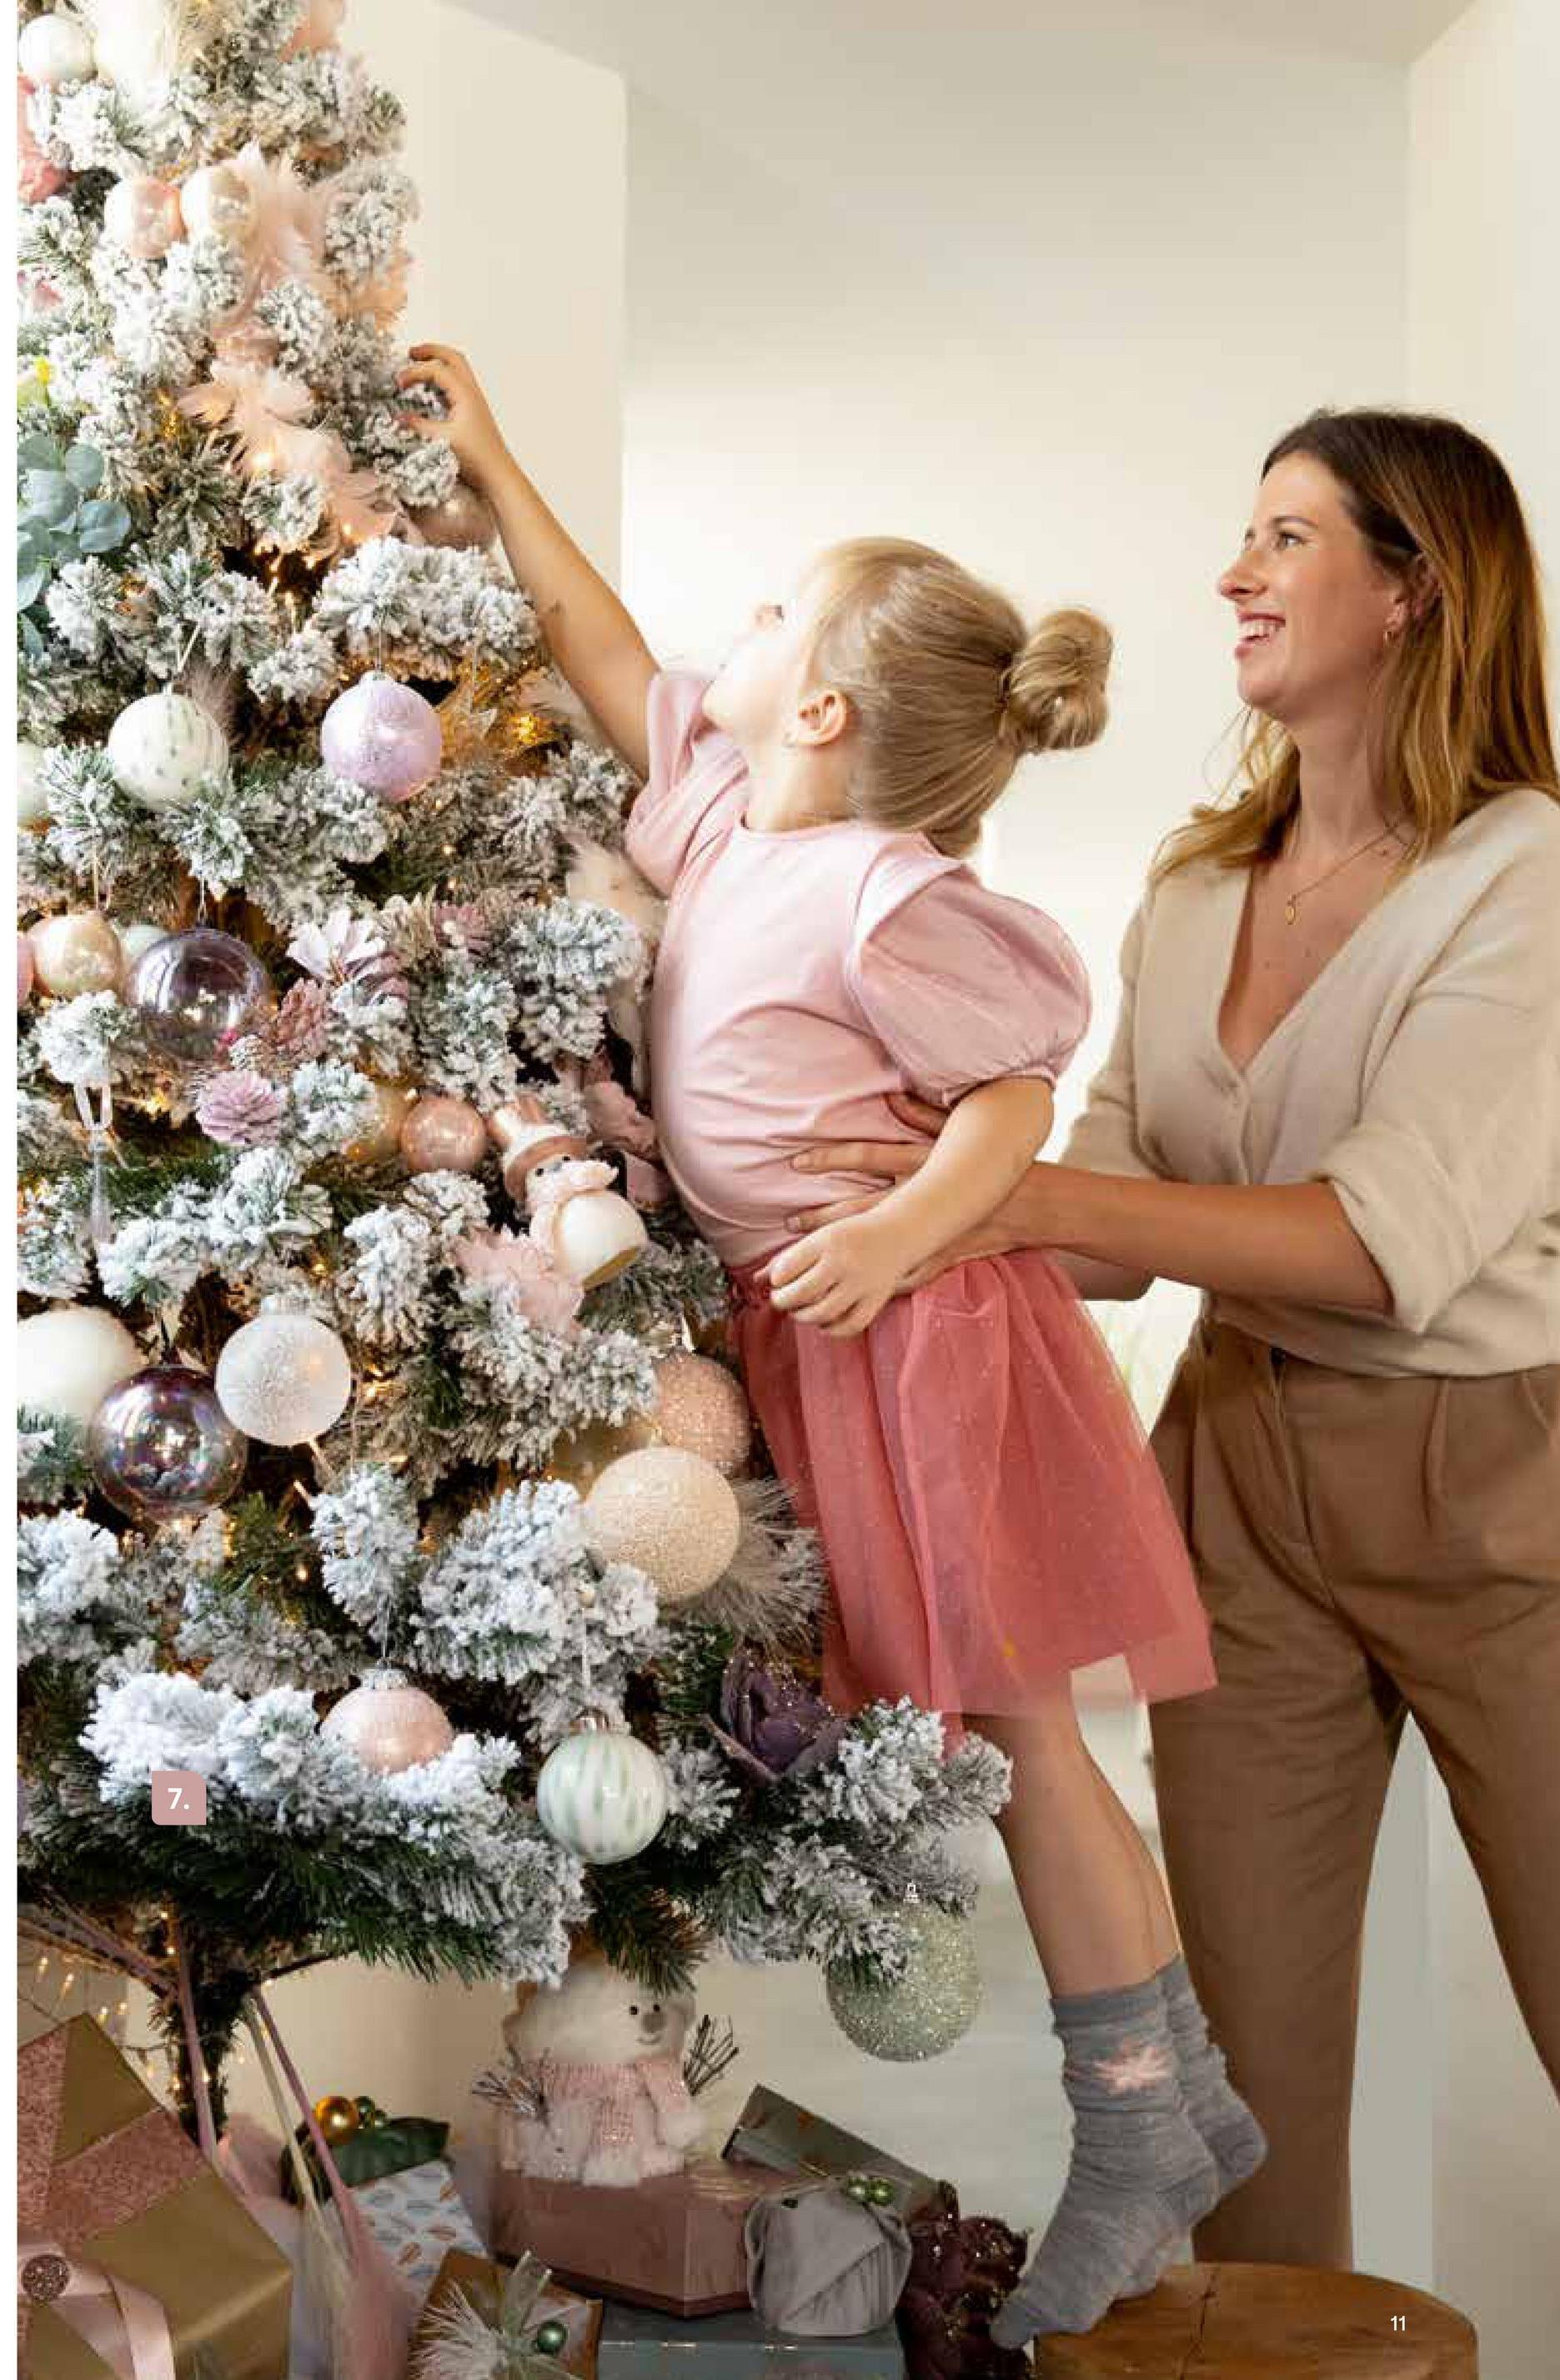 """AVA selection Kerstboom Imperial Pine Snowy H 120cm Ø 81cm 220 Tips Kerstmis zonder kerstboom is als een café zonder bier. Bij AVA vind je bomen in alle soorten en maten. Een exemplaar van meer dan 2 meter voor wie (jingle) all the way wil gaan, eentje van 8 centimeter voor wie niet zoveel plaats heeft, en alles daartussen. Nog helemaal zelf te versieren, verlichting al inbegrepen of zelfs compleet met decoratie als je wil!<br><br><a href=""""/nl/kerst/kerstbomen/kleine-kerstbomen"""" target=""""_blank""""> Toch liever een kleinere kerstboom? Klik hier.</a><br><a href=""""/nl/kerst/themas/christmas-classics"""" target=""""_blank""""> Klik hier om terug te gaan naar alle Christmas Classics.</a>"""